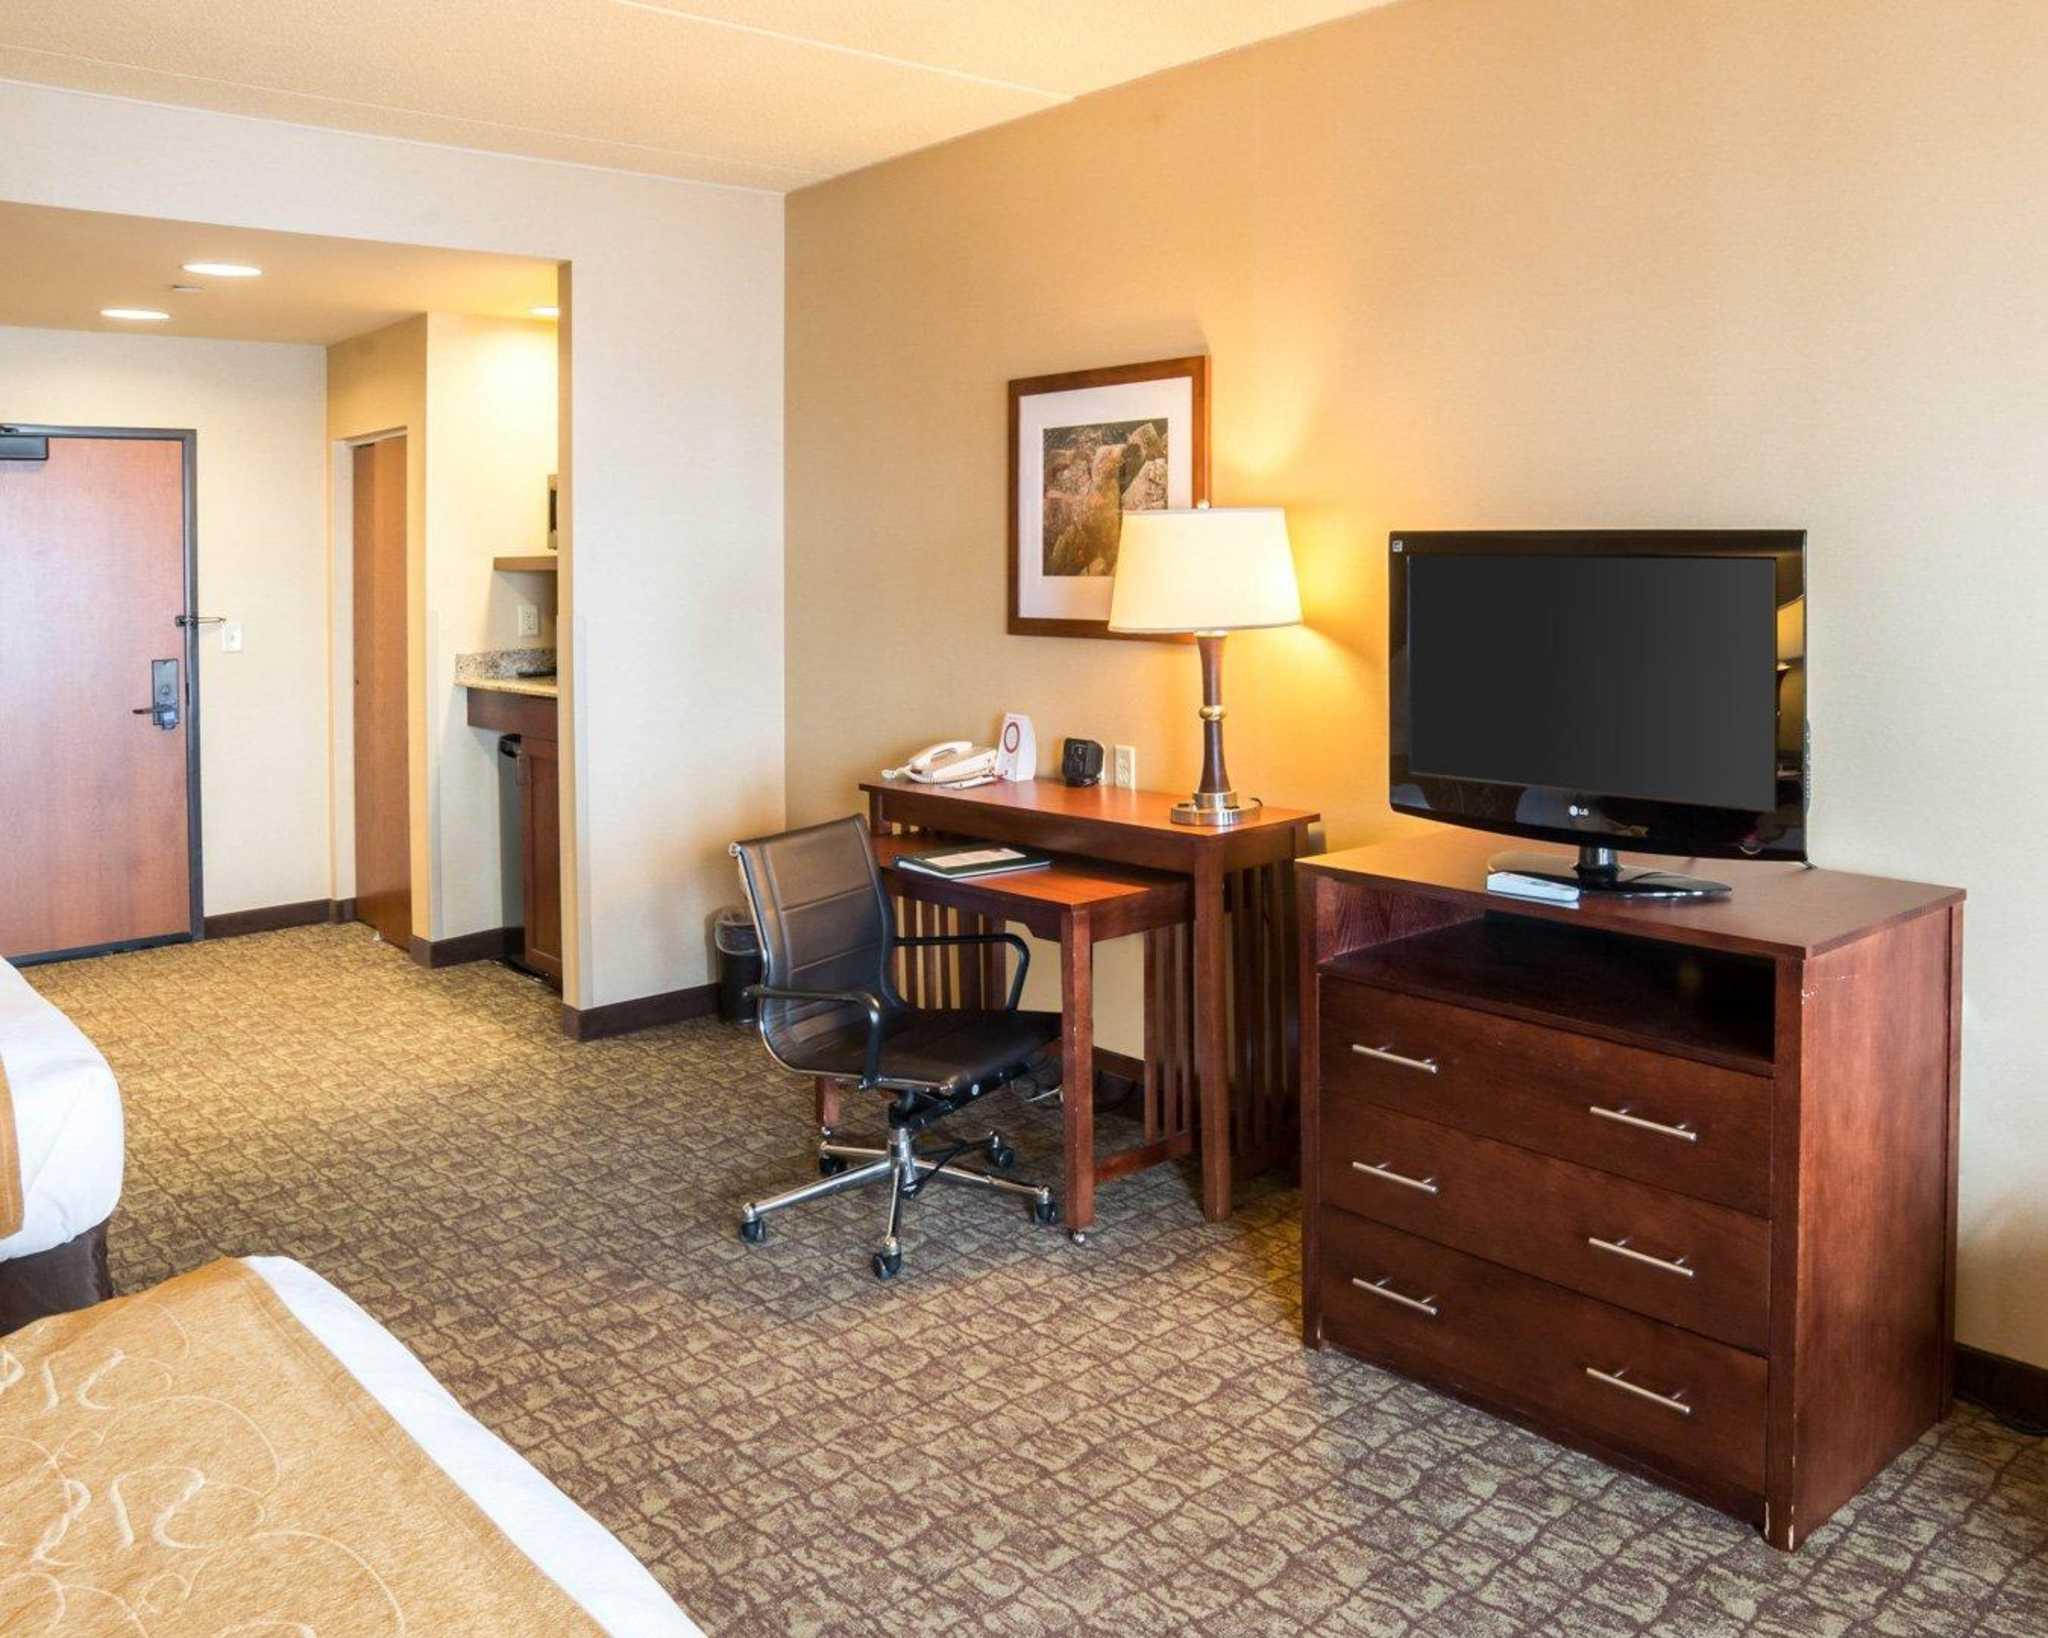 Comfort Suites Canal Park image 29